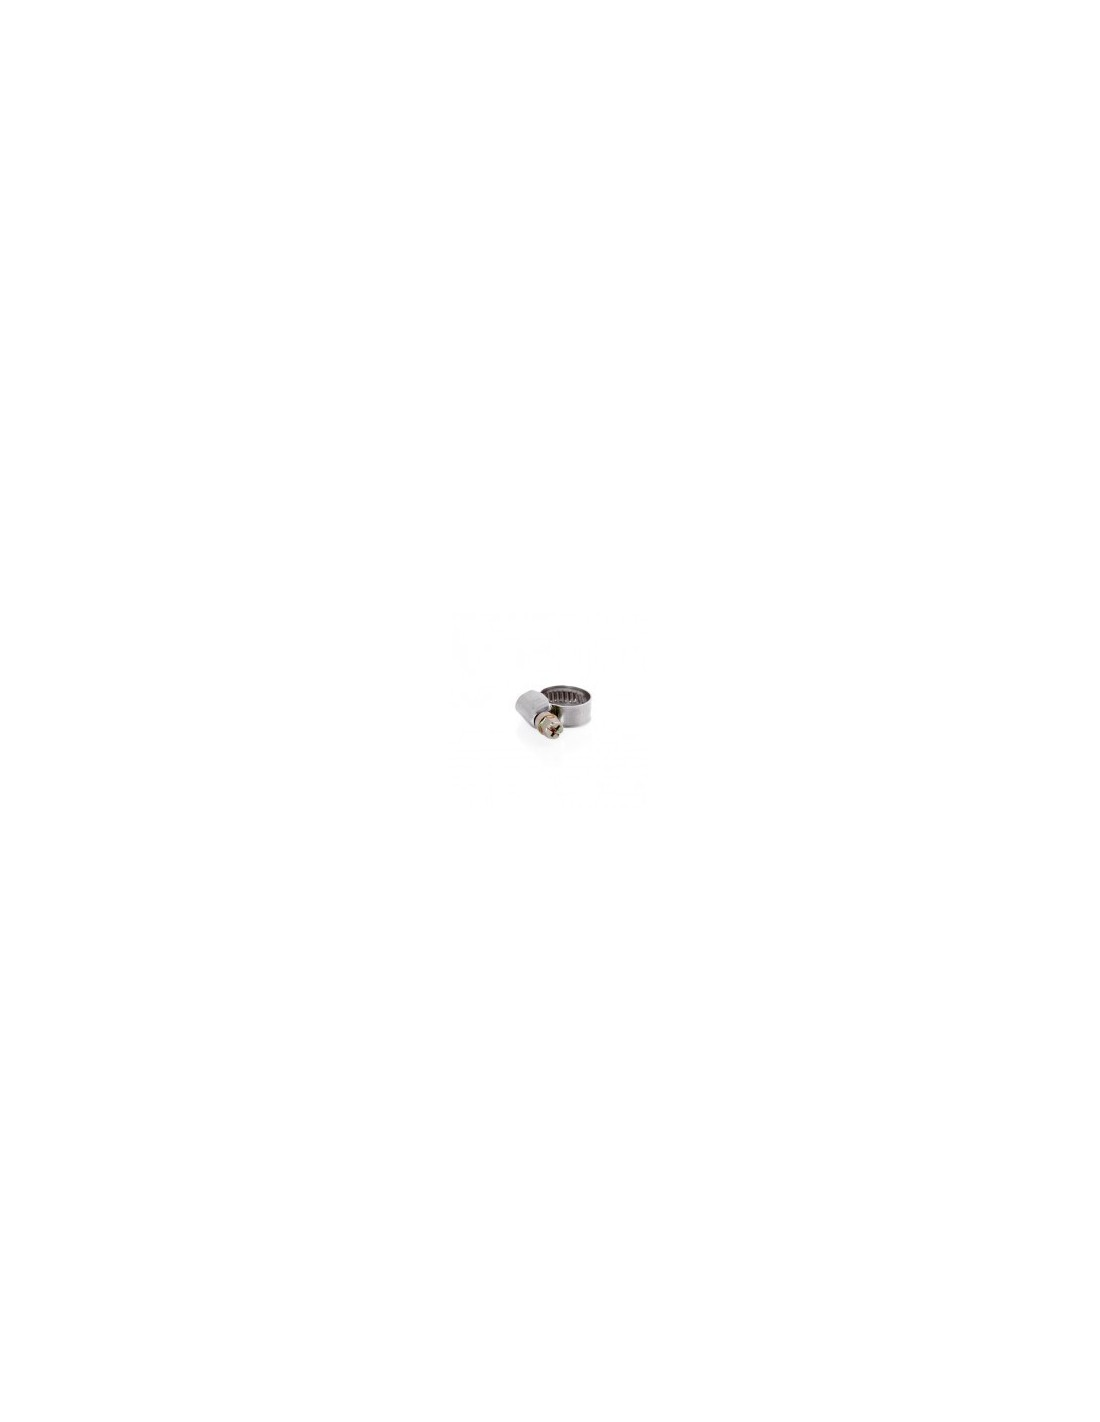 SPO00251 - Hose clamp 10-16 mm